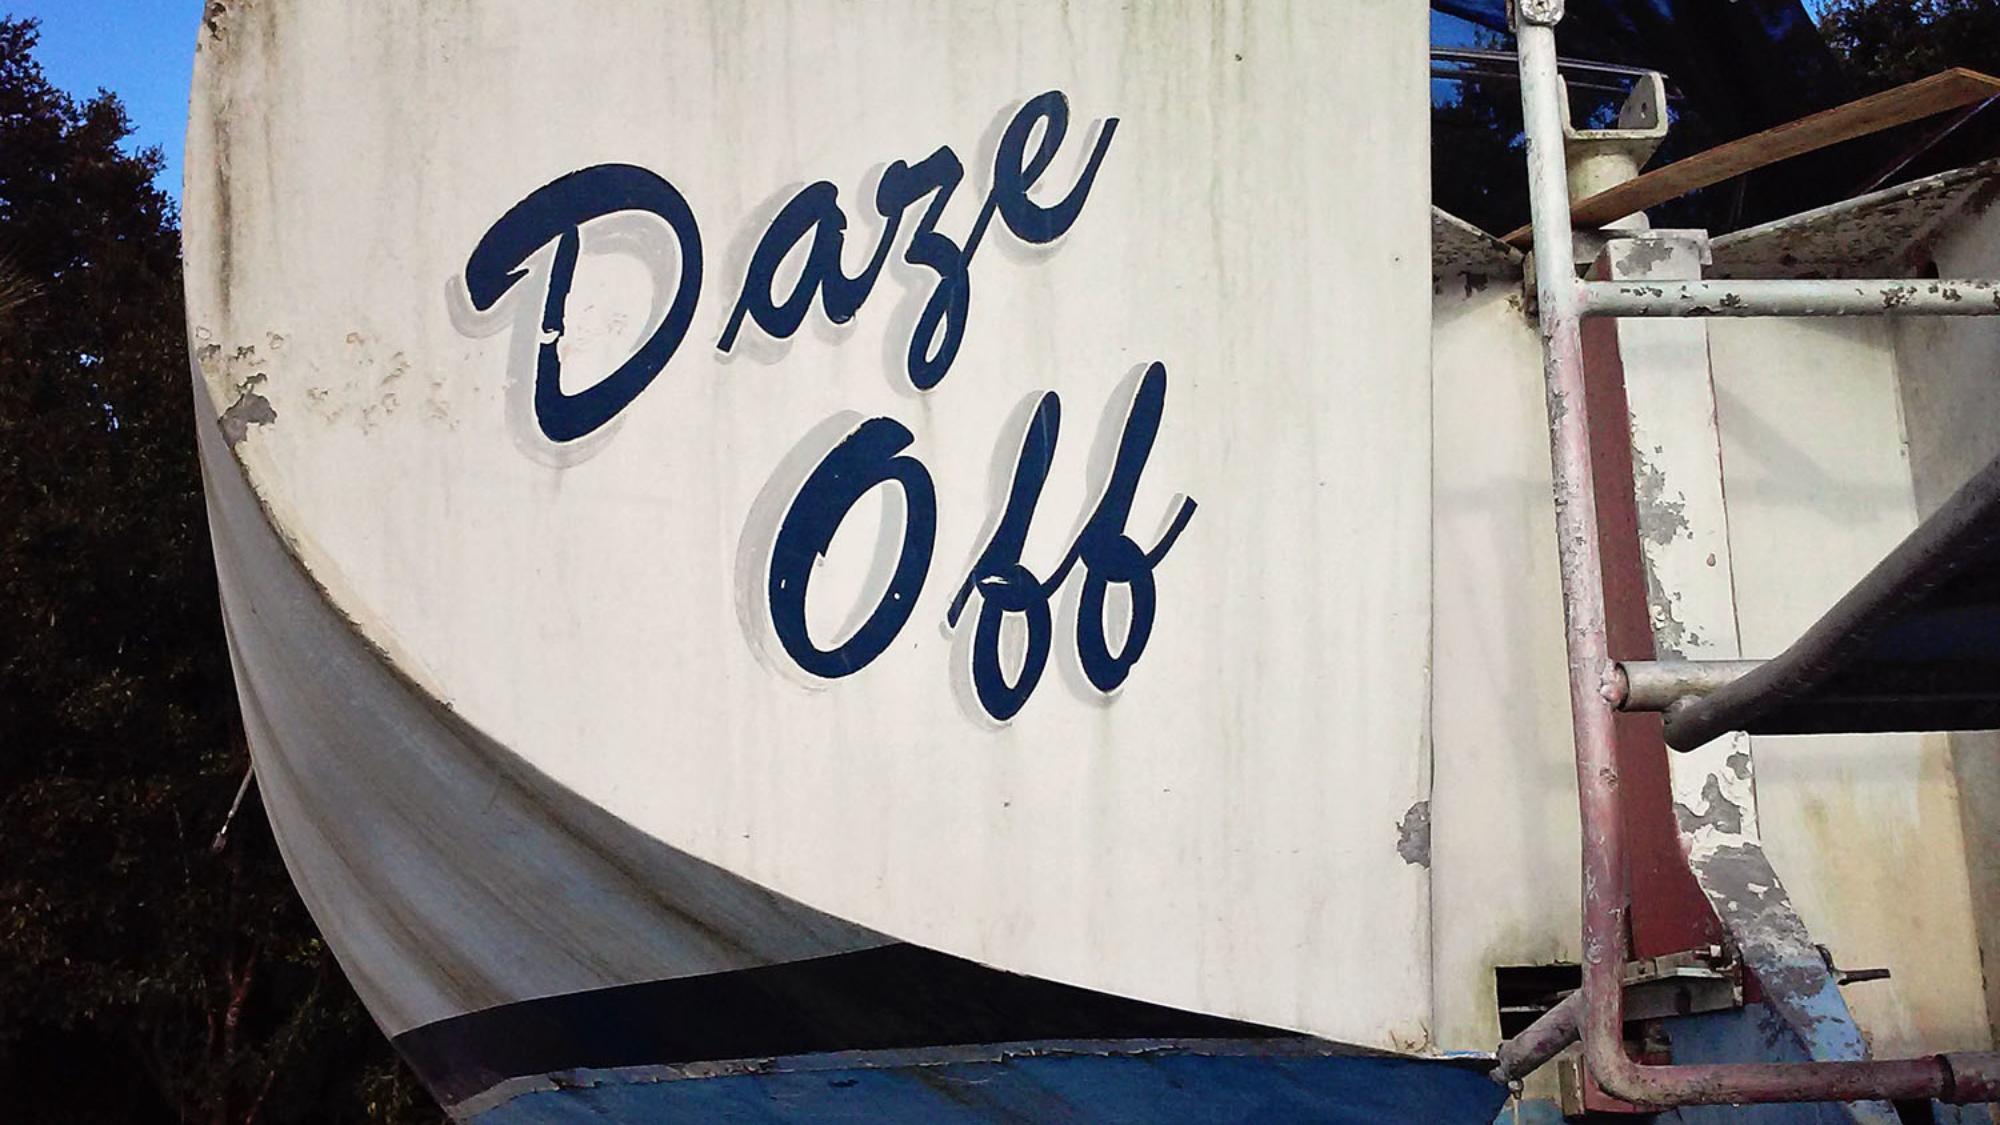 Daze Off name on stern